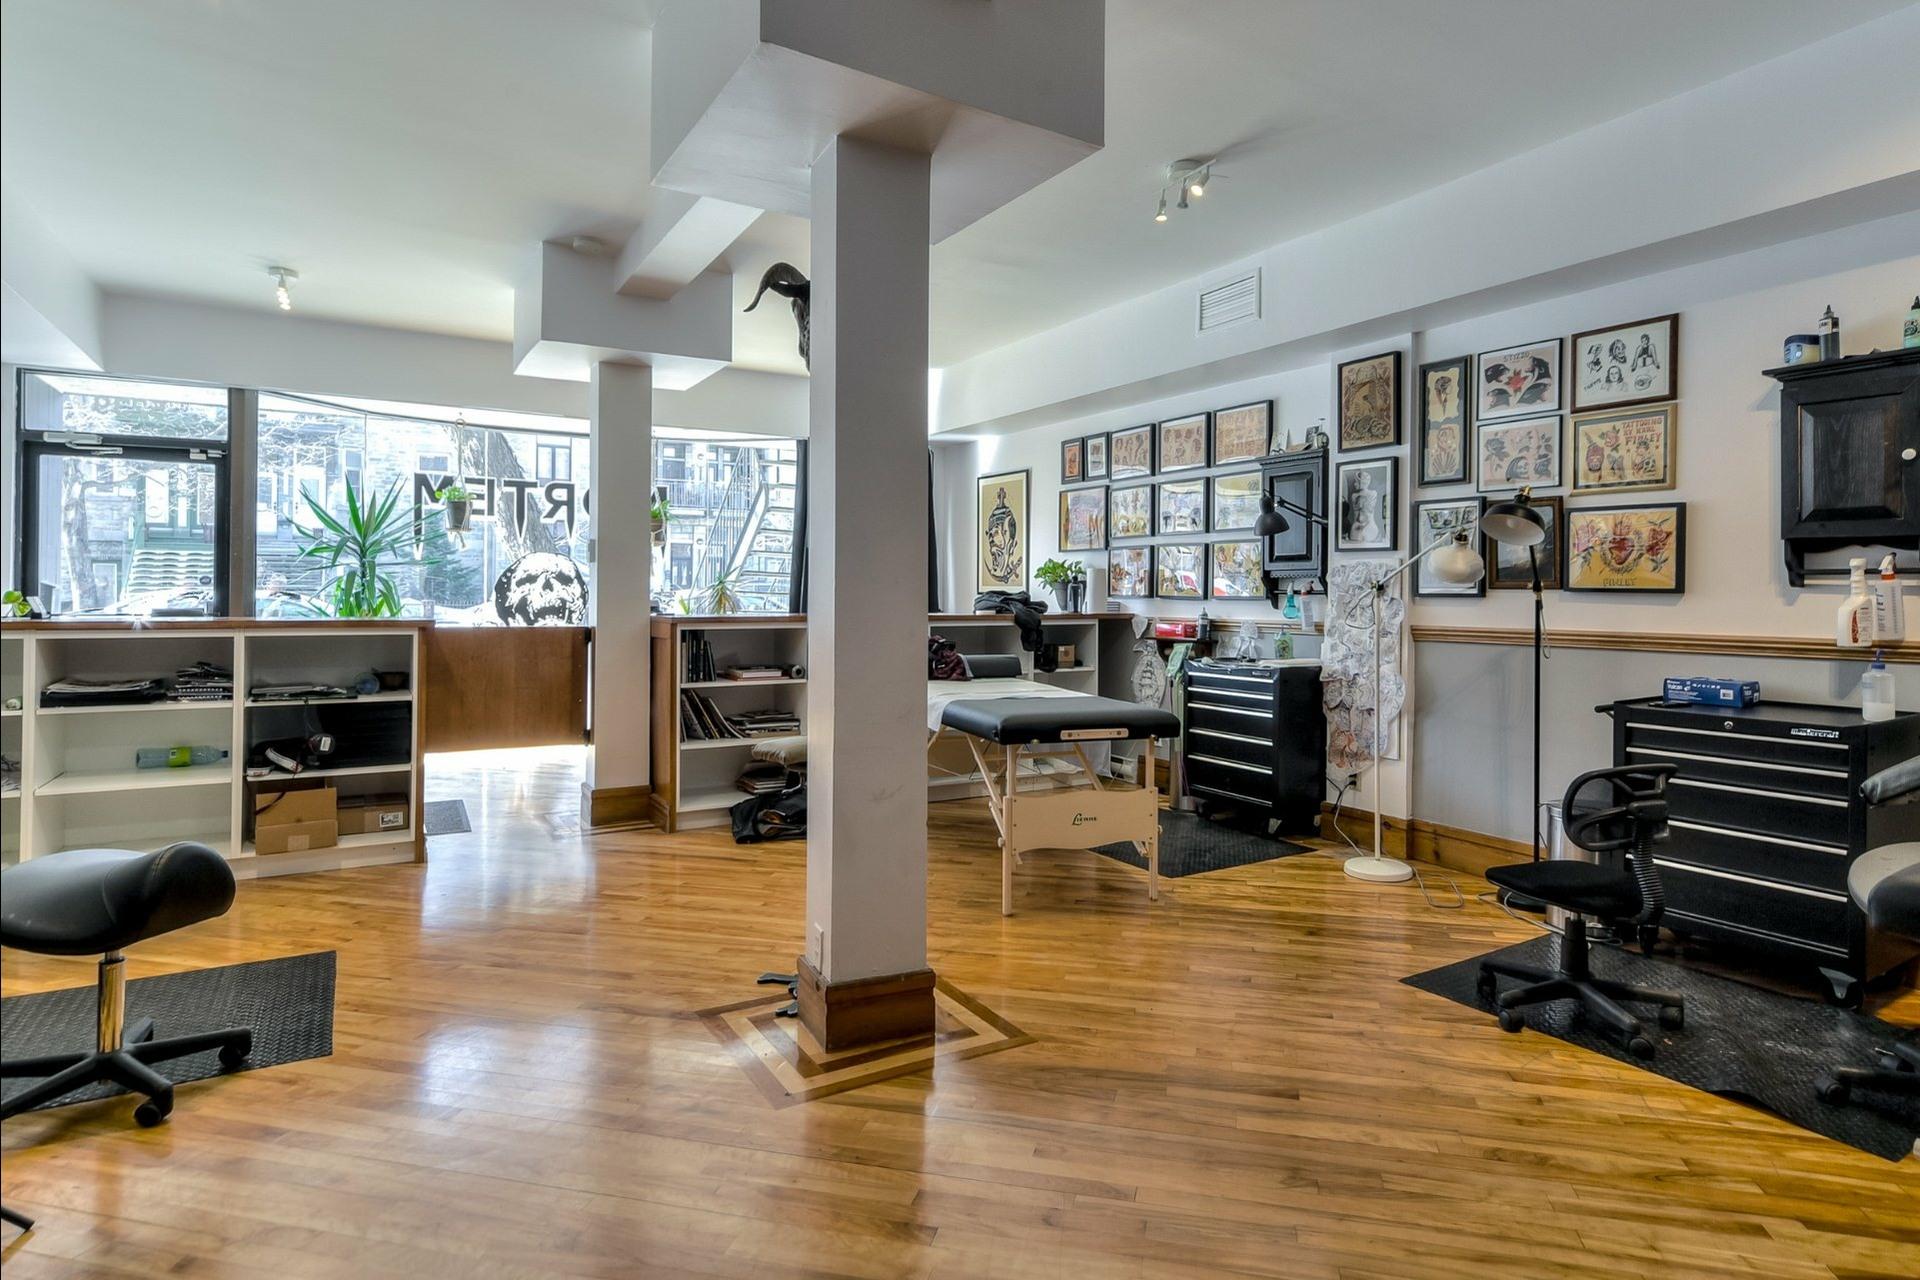 image 28 - Immeuble à revenus À vendre Montréal Le Plateau-Mont-Royal